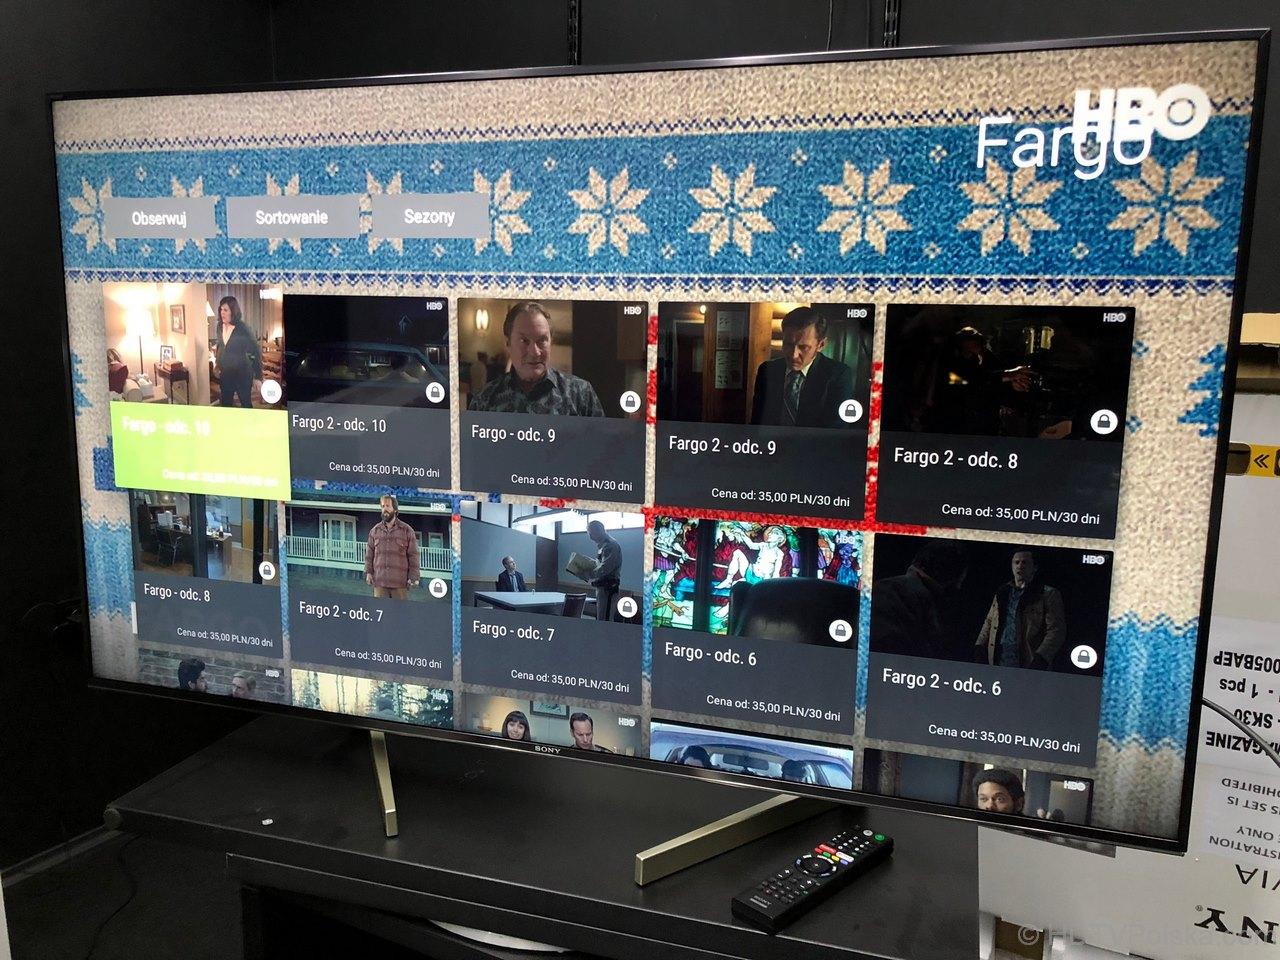 Dostęp do treści HBO przez serwis IPLA na telewizorach z